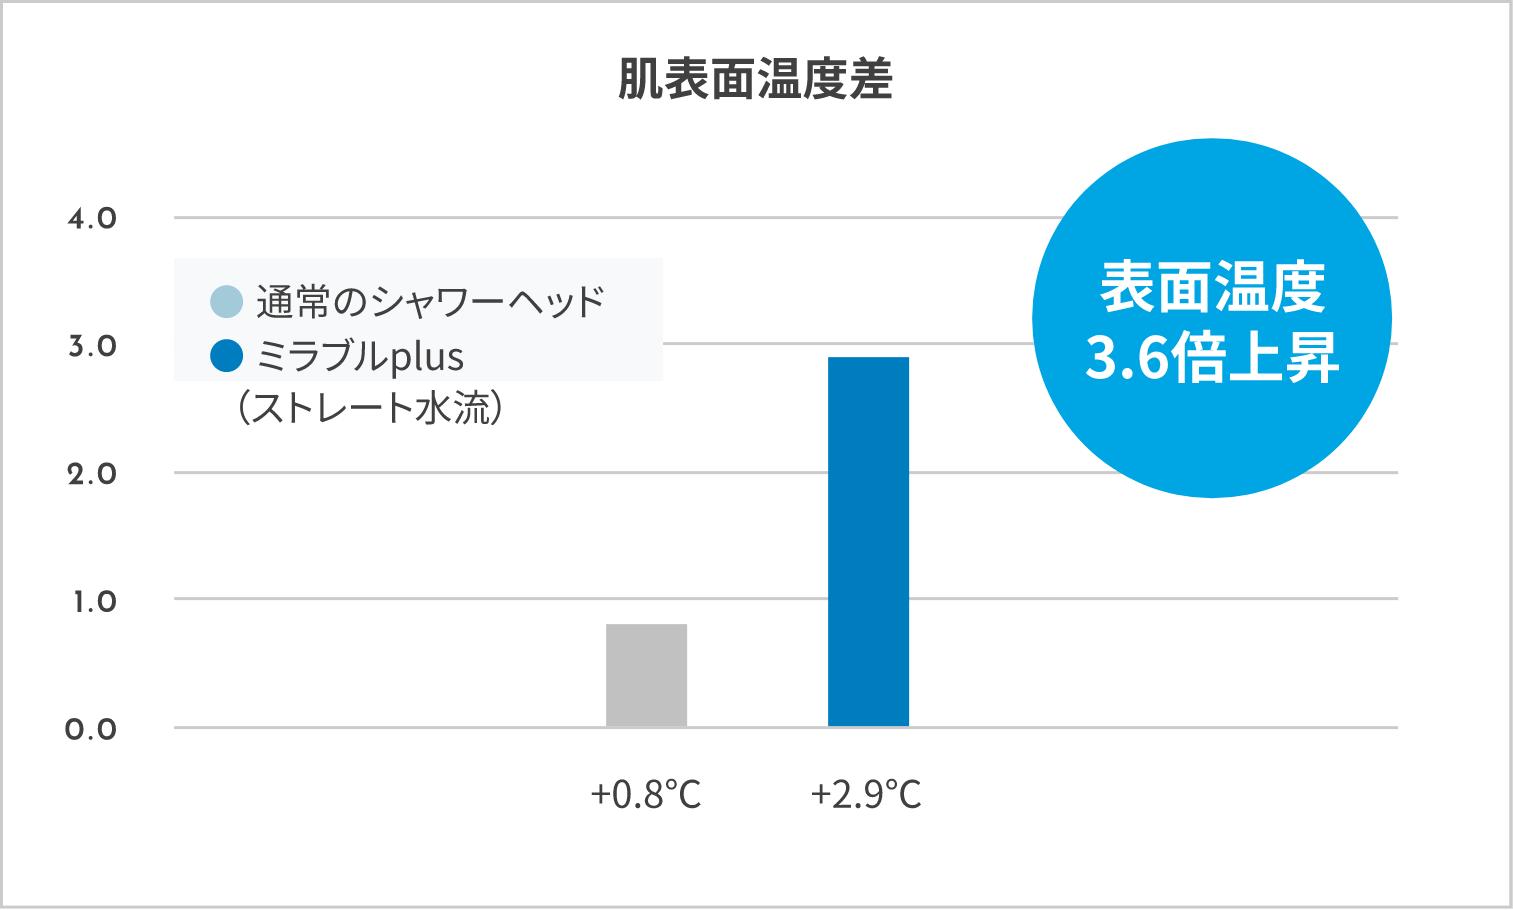 表面温度3.6倍上昇